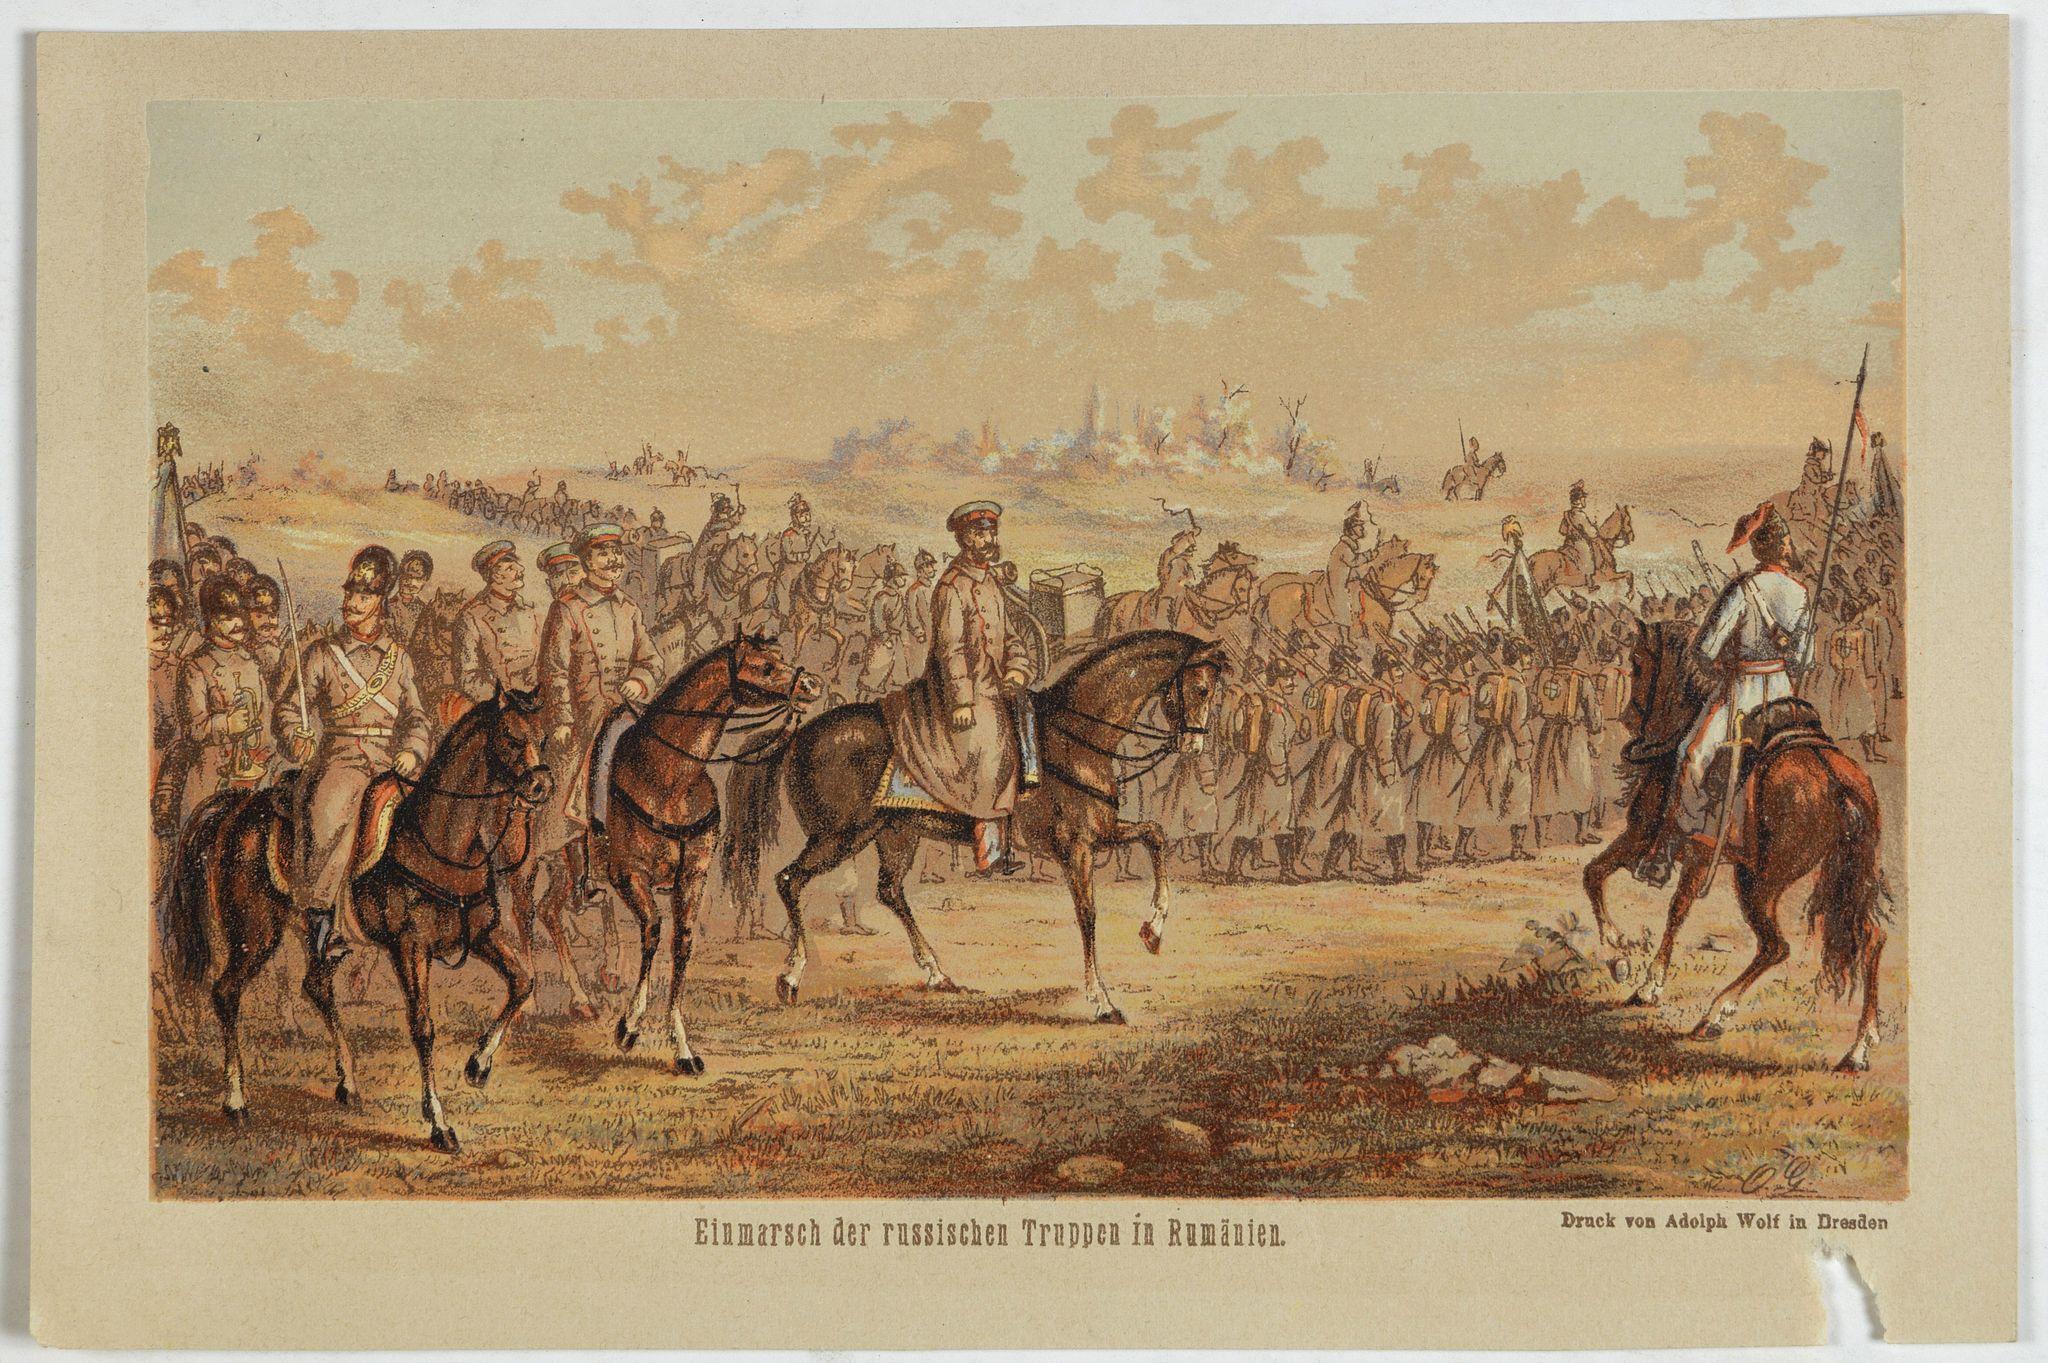 WOLF, A. -  Einmarsch der russischen truppen in Romänien.